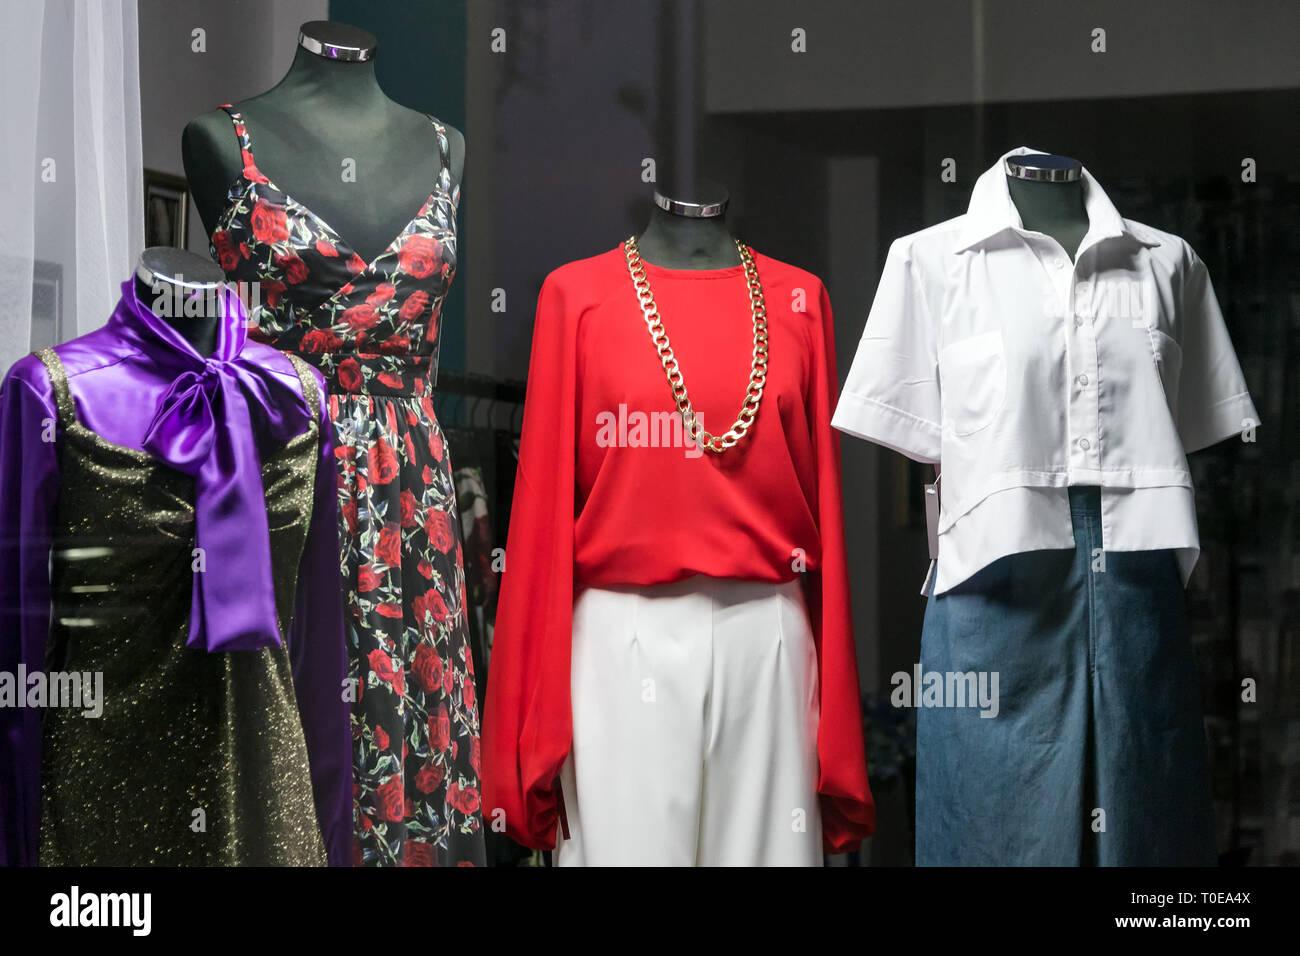 1c8bc51baeddca Weibliche Puppen in ein Bekleidungsgeschäft. Verkauf und Werbung. Stockbild